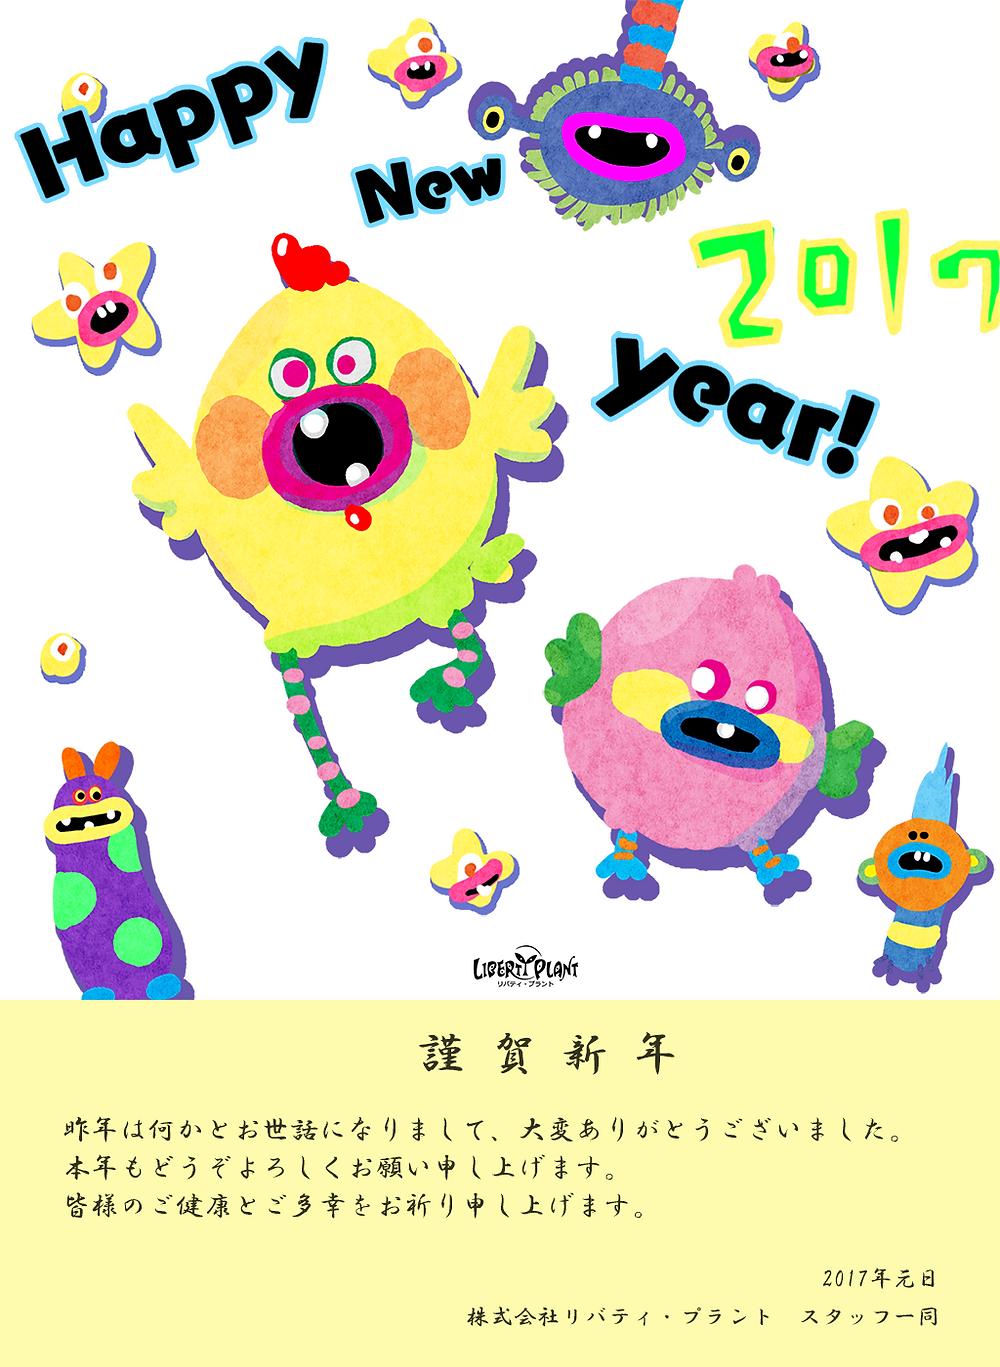 新年のご挨拶2017年